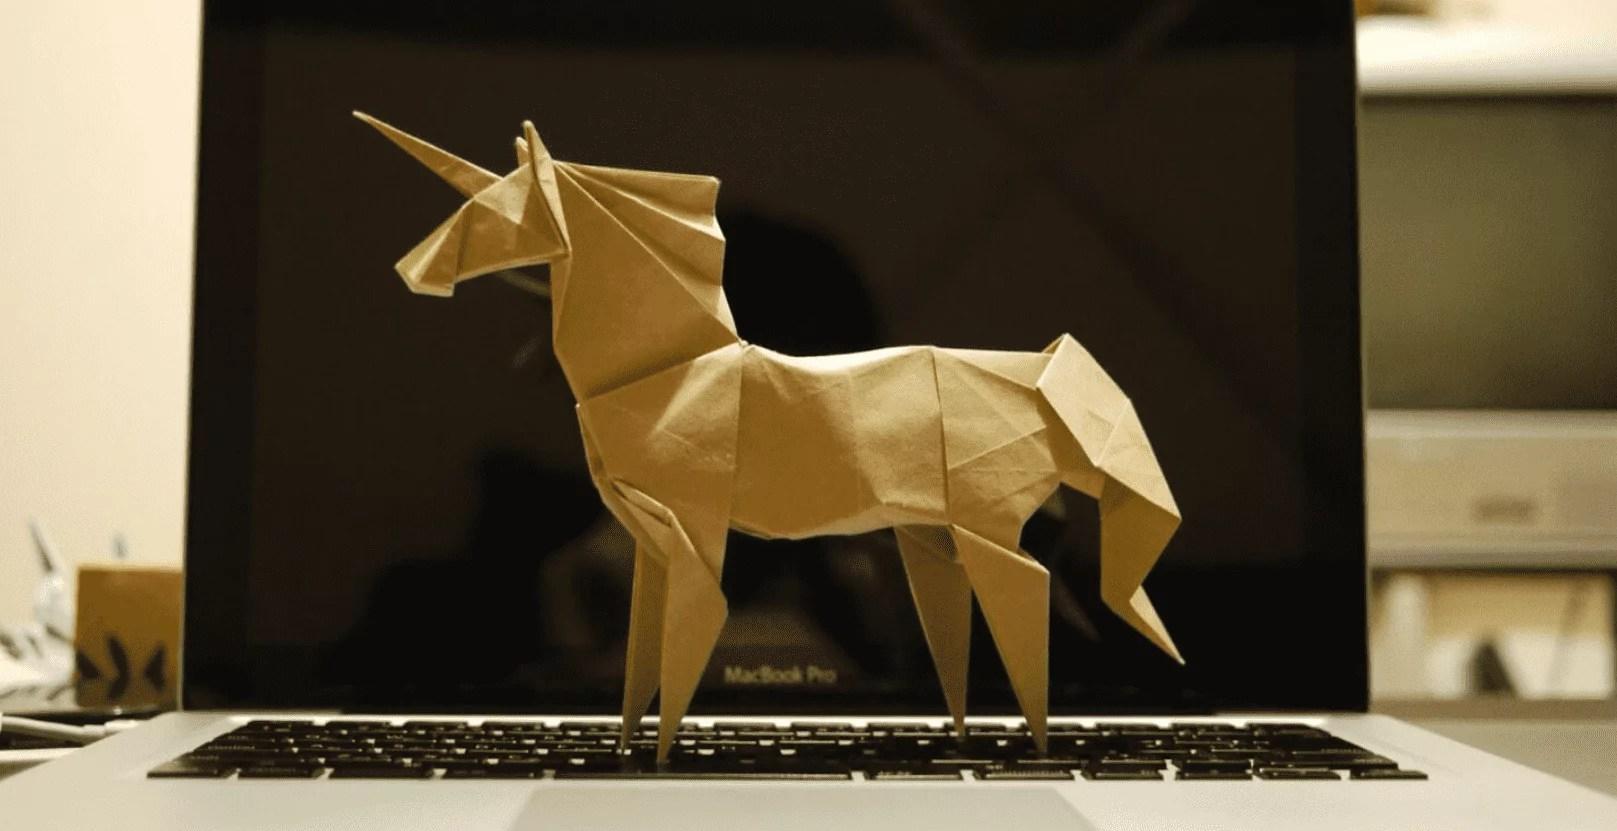 Imagem mostra um unicórnio feito de papelão, de lado e em cima de um notebook aberto.